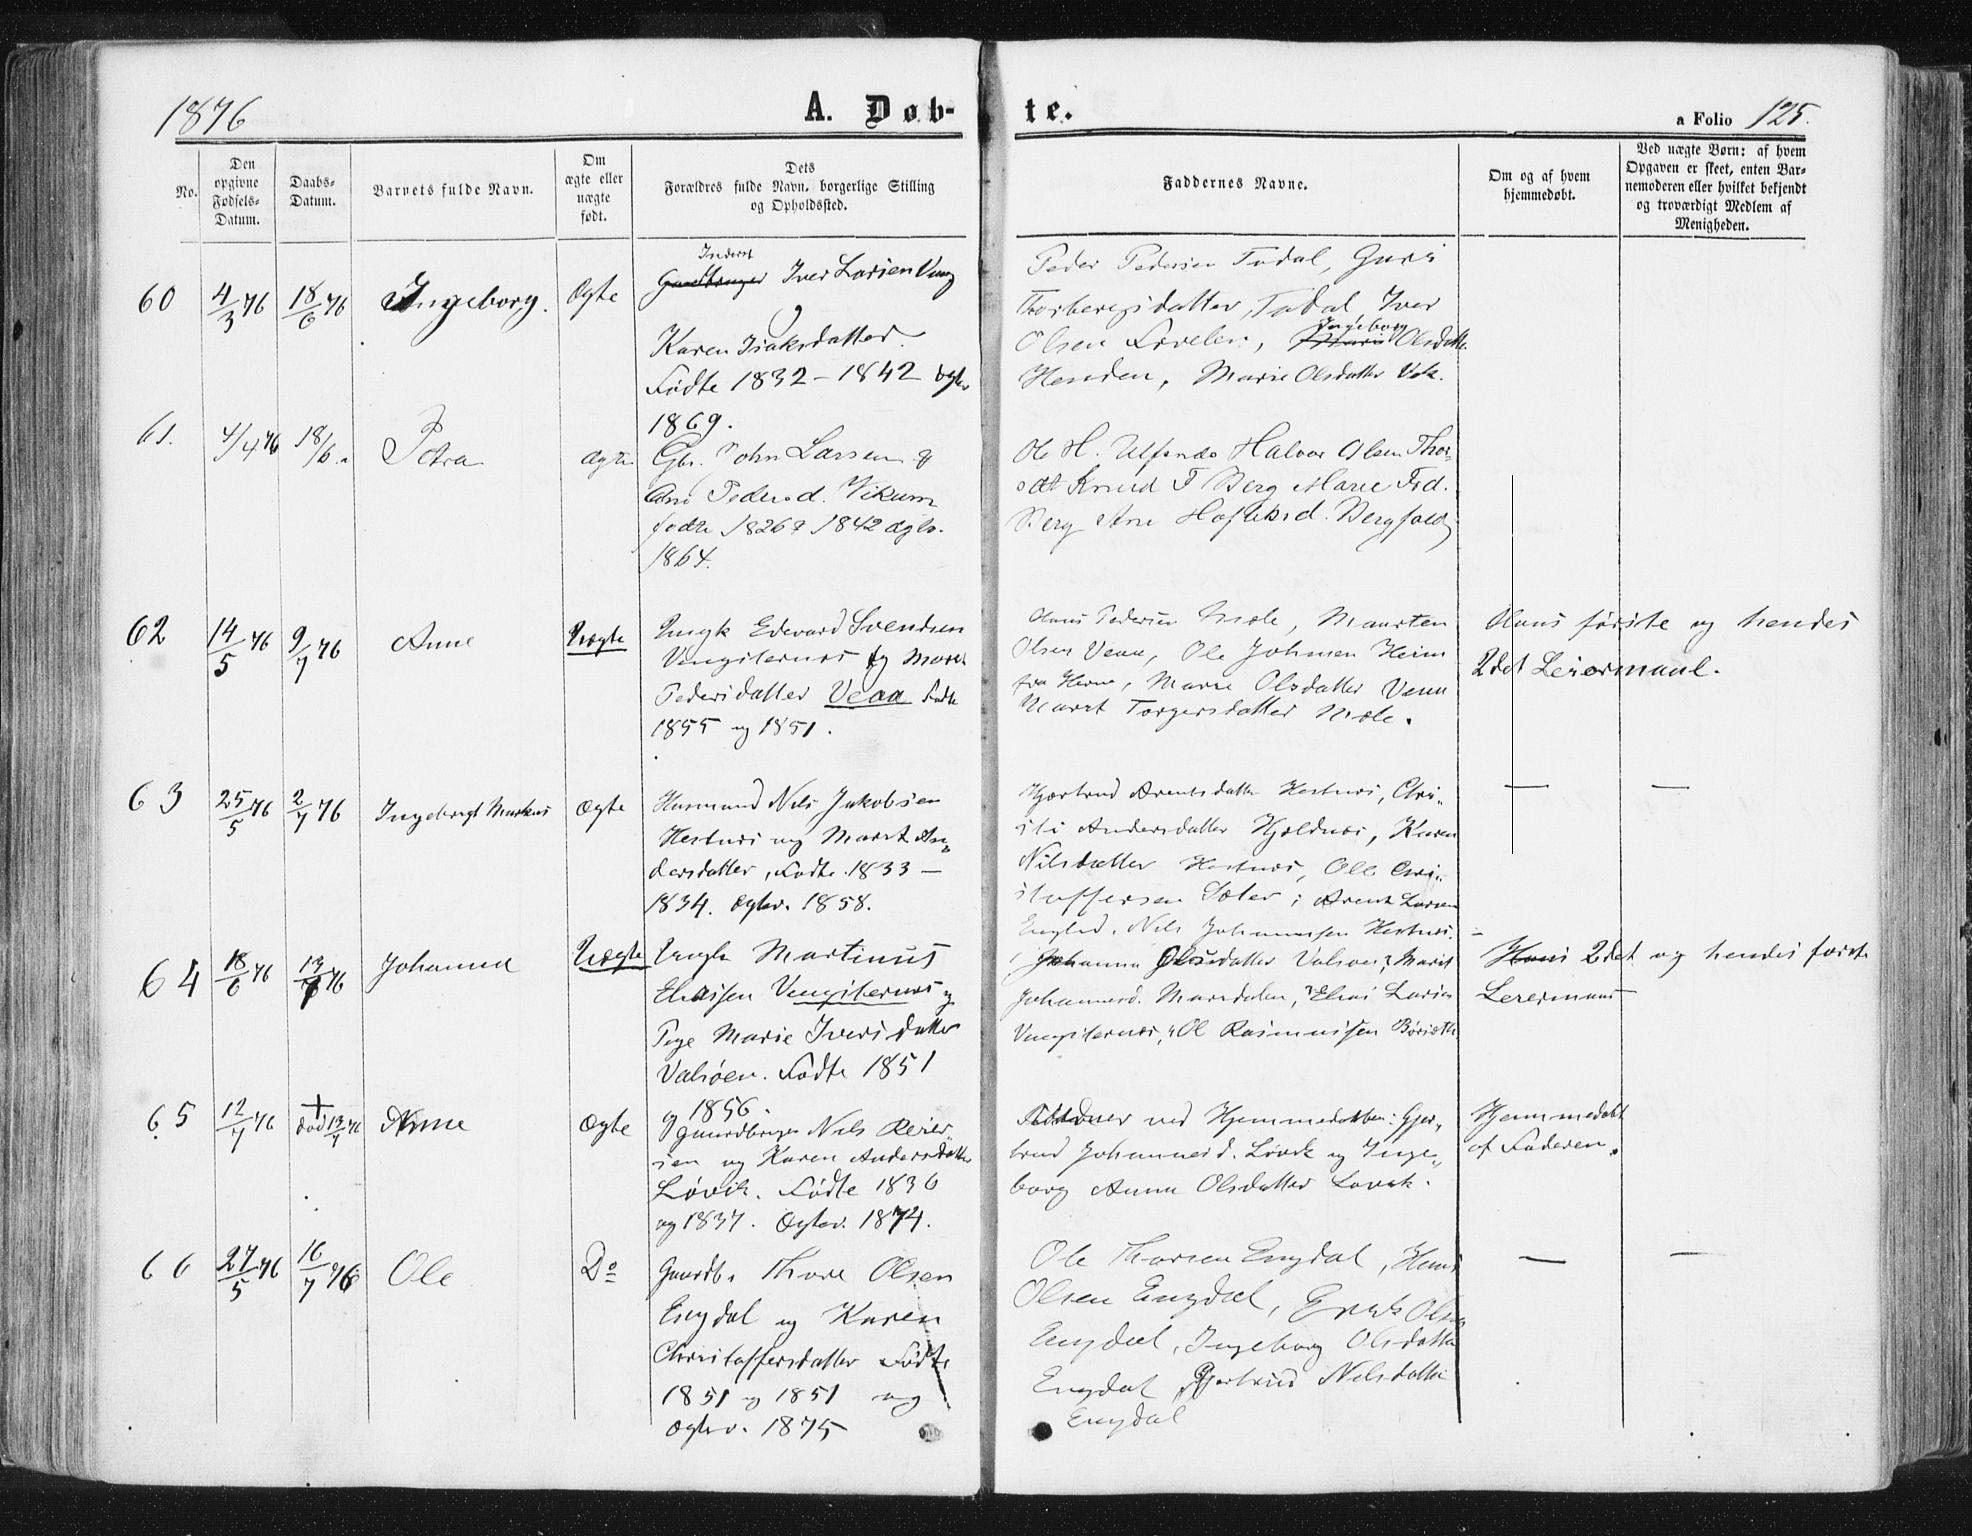 SAT, Ministerialprotokoller, klokkerbøker og fødselsregistre - Møre og Romsdal, 578/L0905: Ministerialbok nr. 578A04, 1859-1877, s. 125